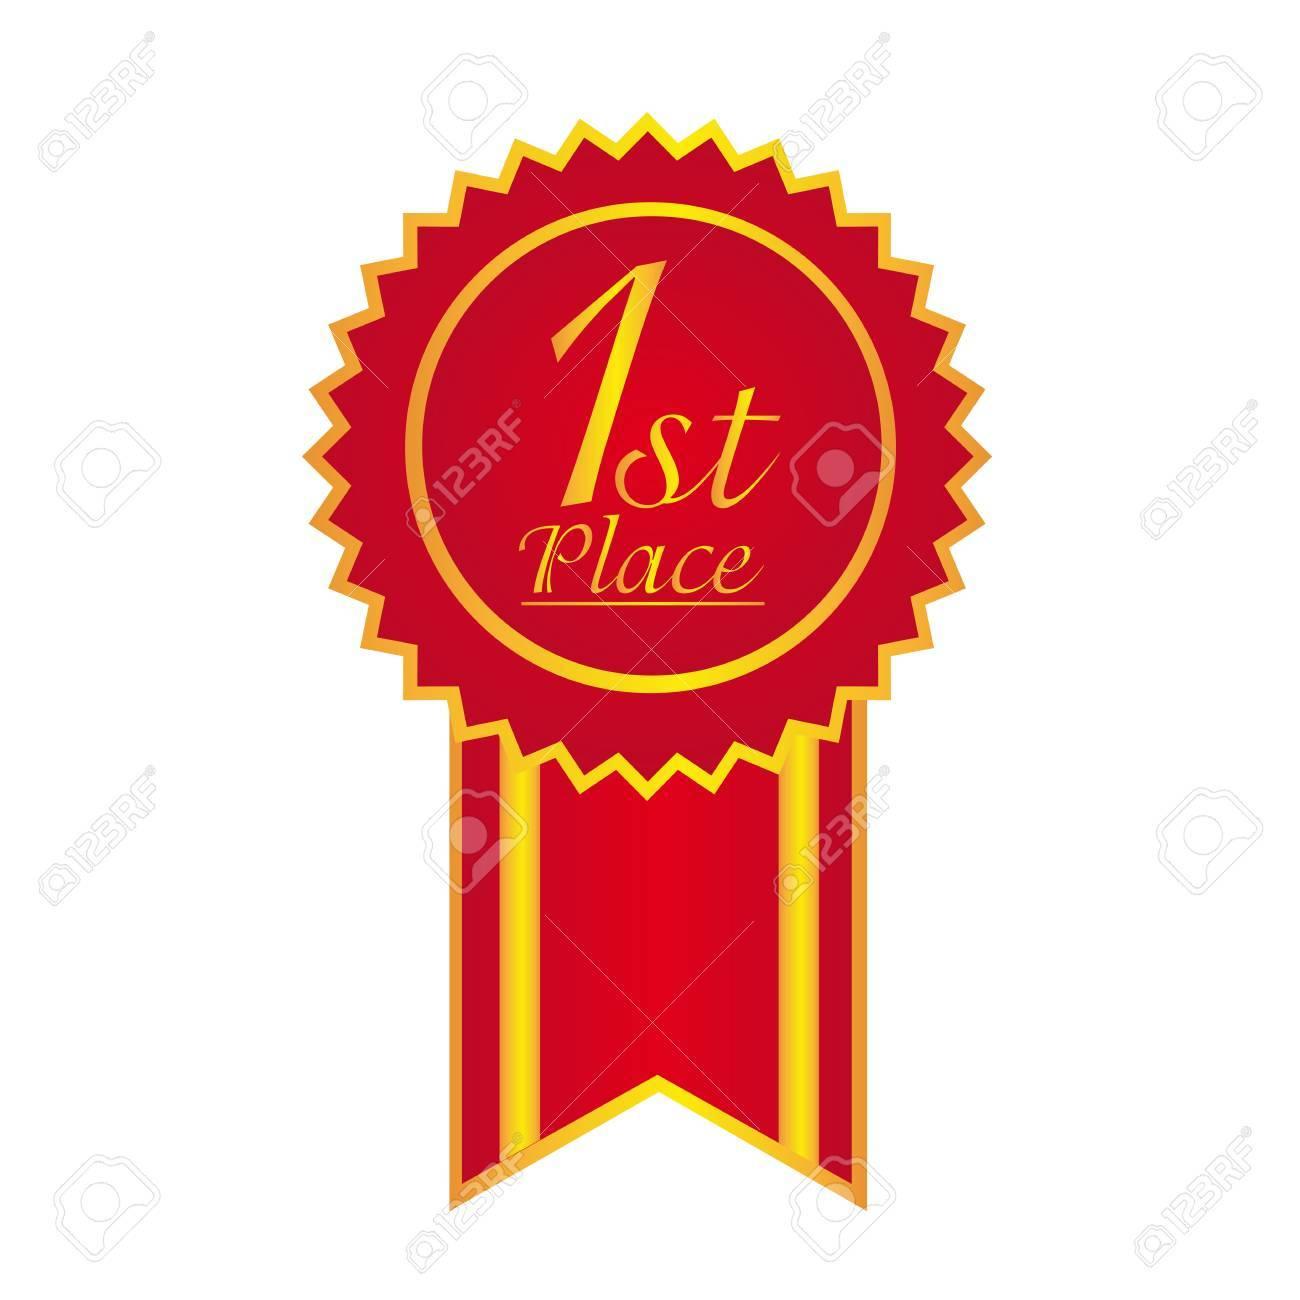 1st place rosette clipart 3 » Clipart Portal.